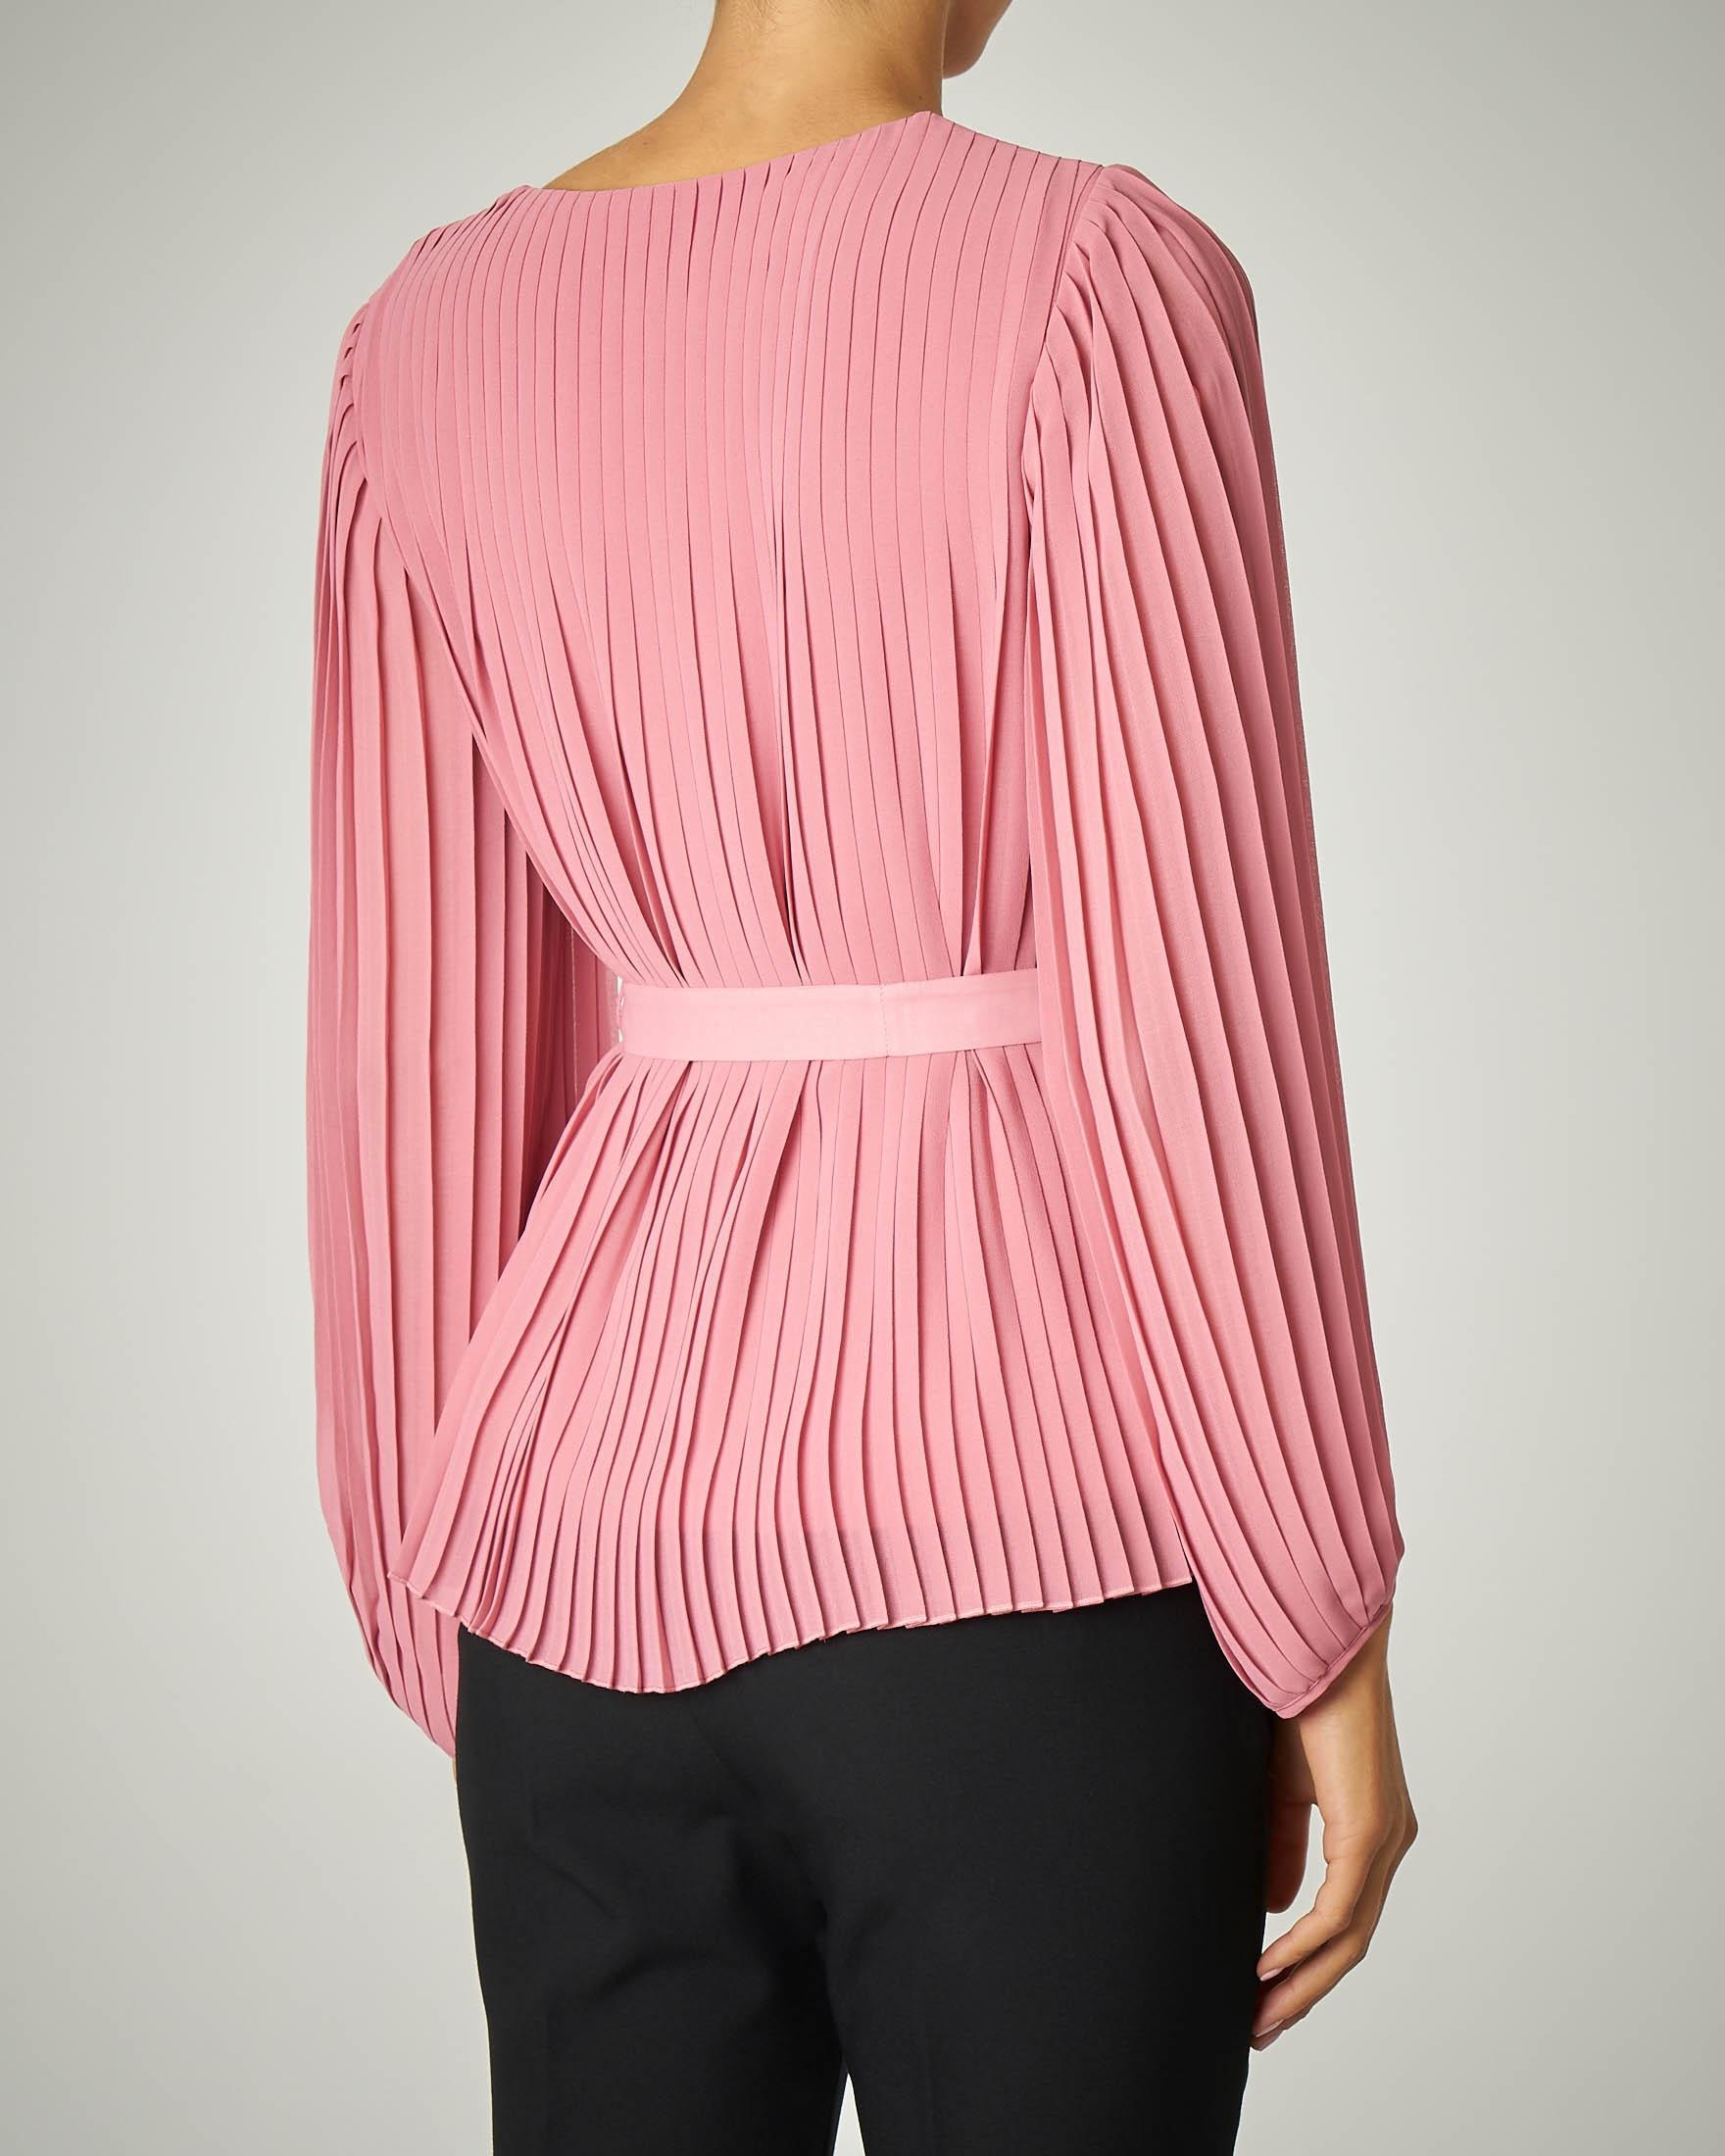 Blusa rosa plissè con cinturina in vita